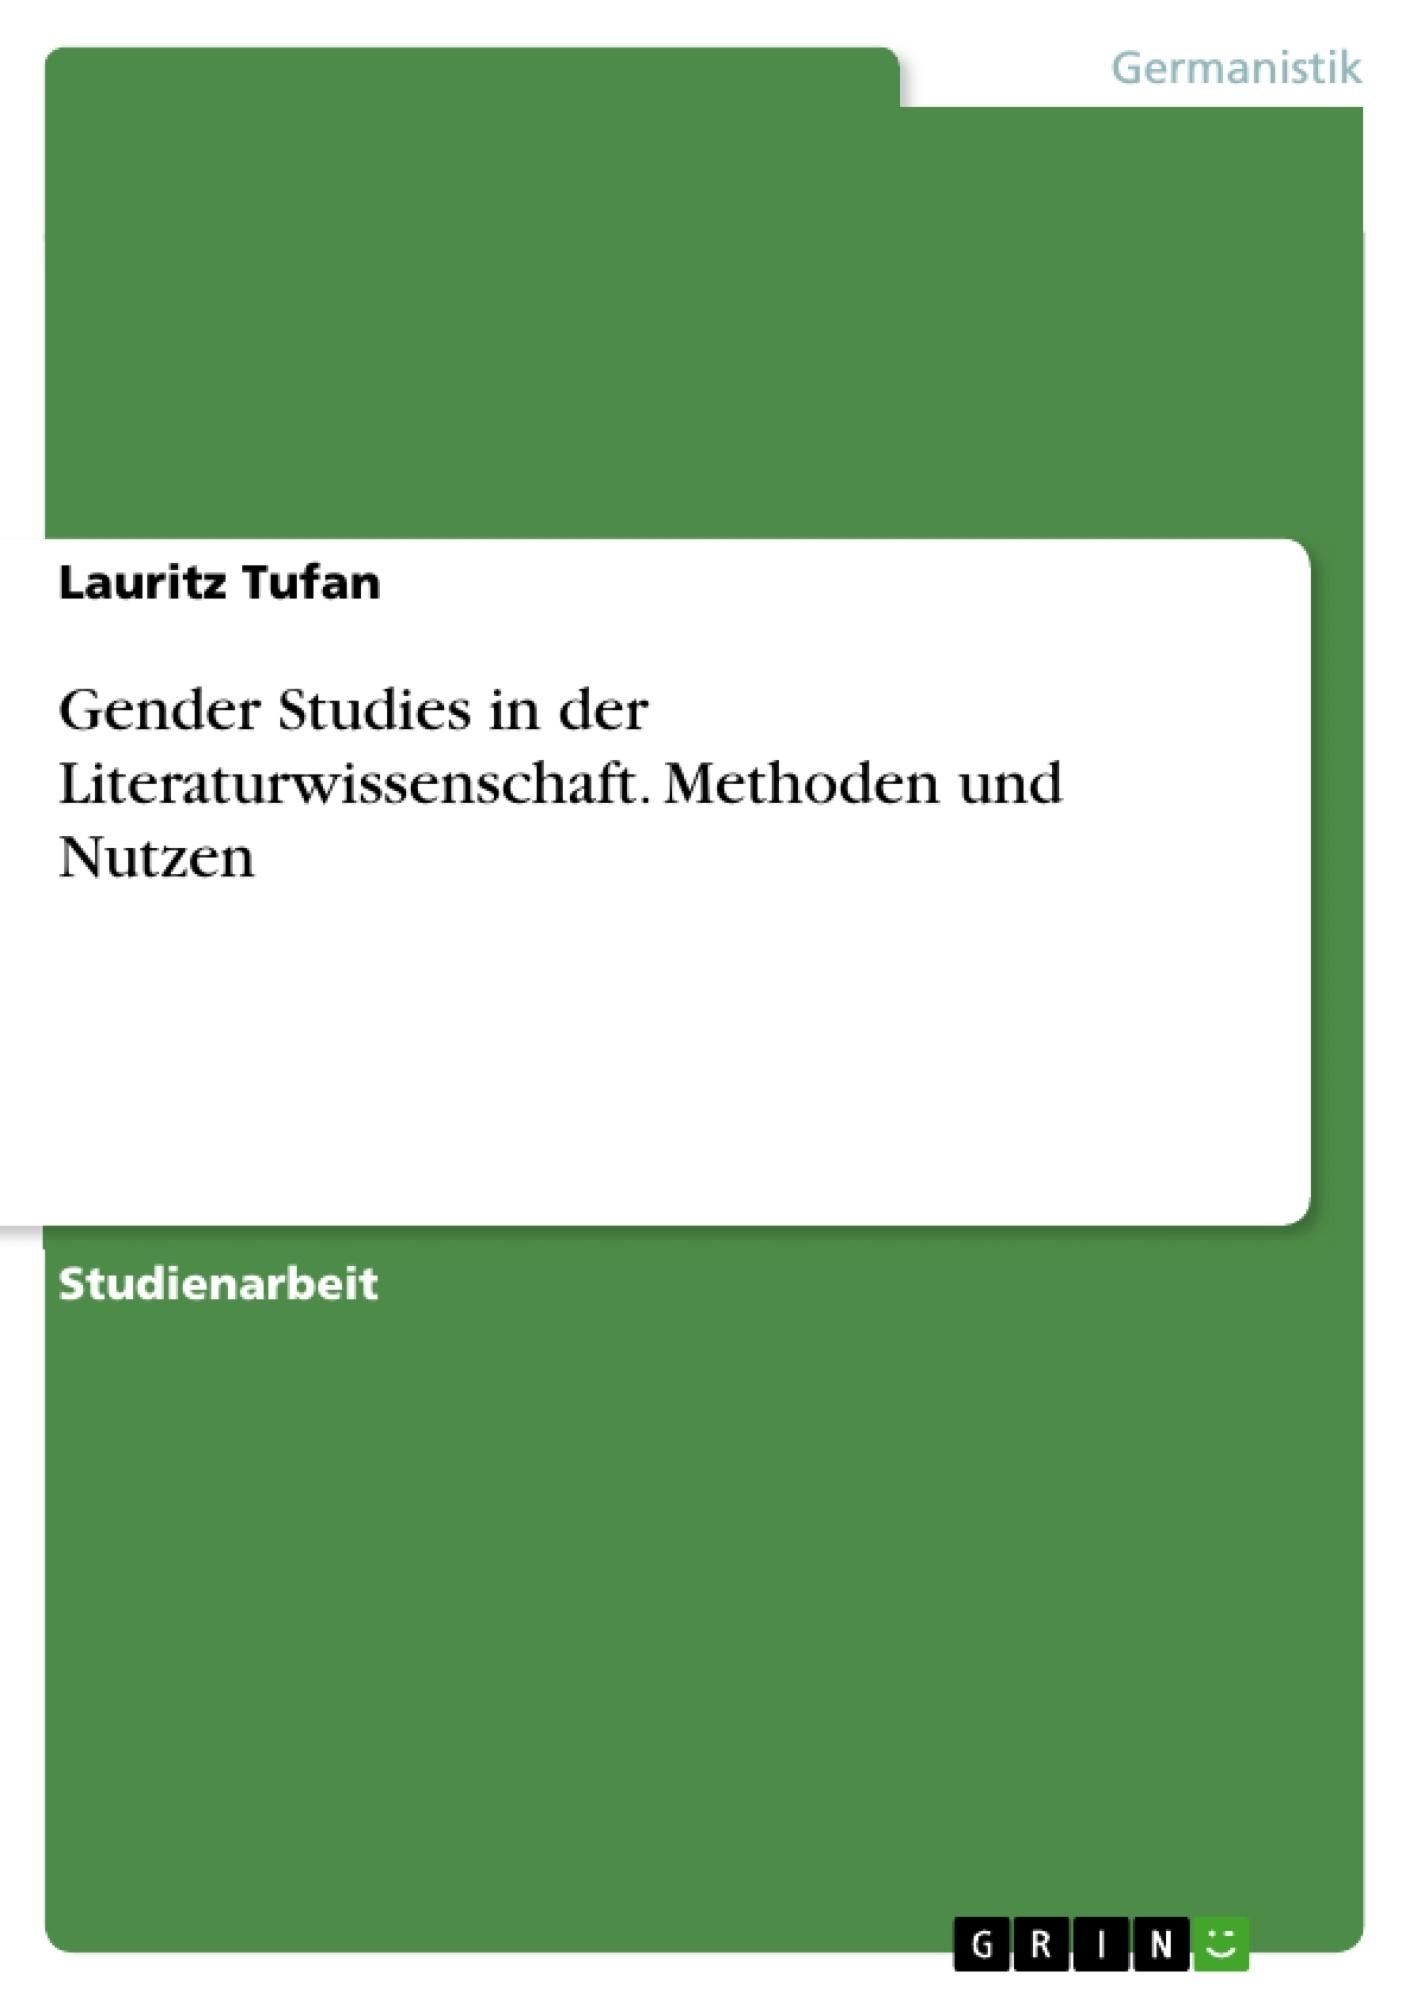 Titel: Gender Studies in der Literaturwissenschaft. Methoden und Nutzen